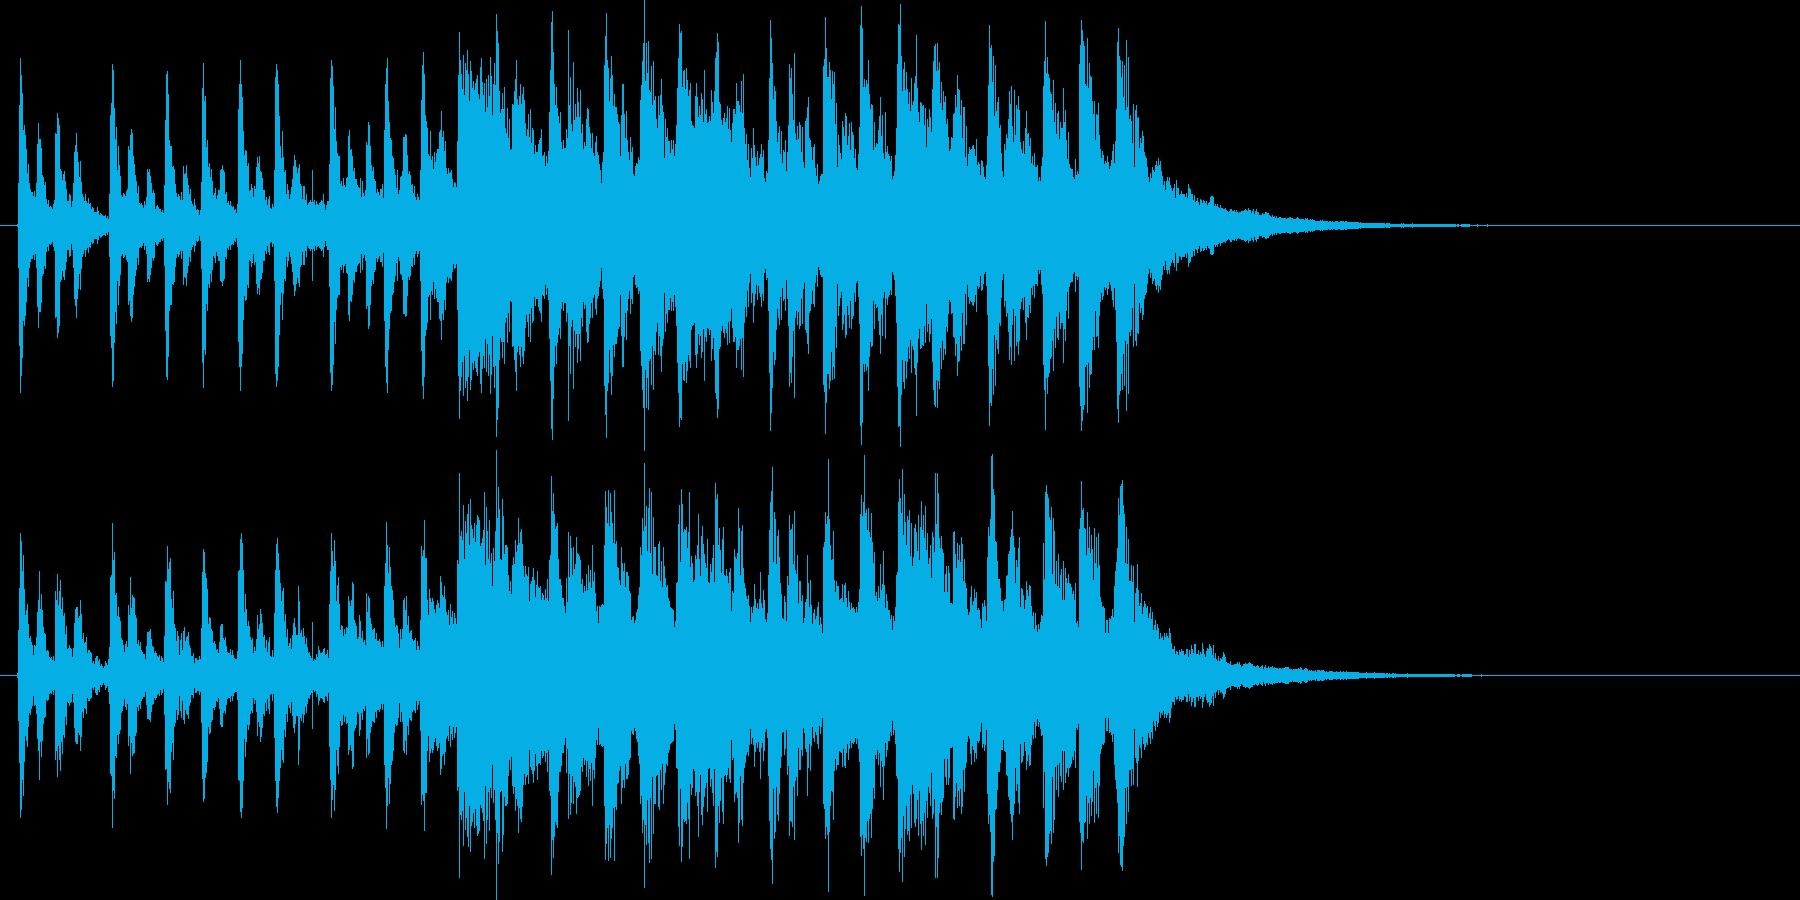 始まる雰囲気がする曲の再生済みの波形